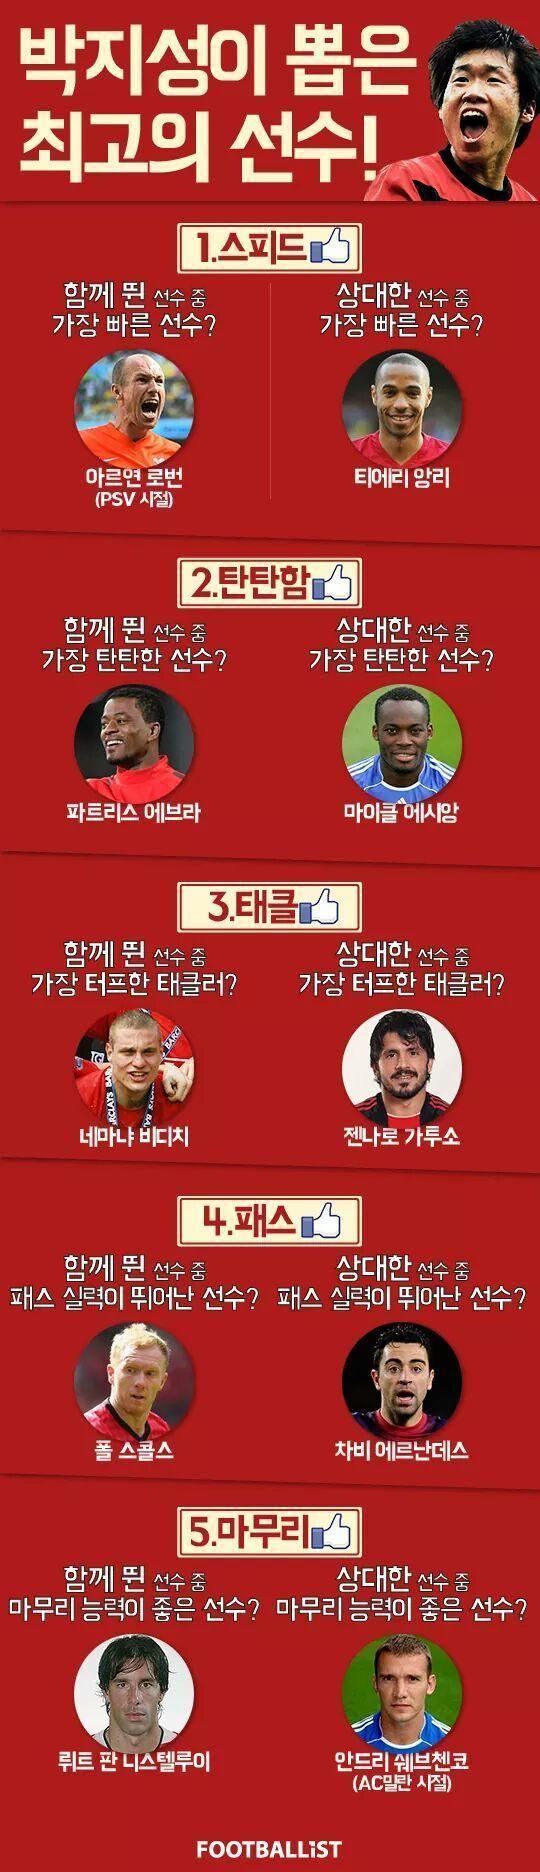 박지성이 뽑은 최고의 선수